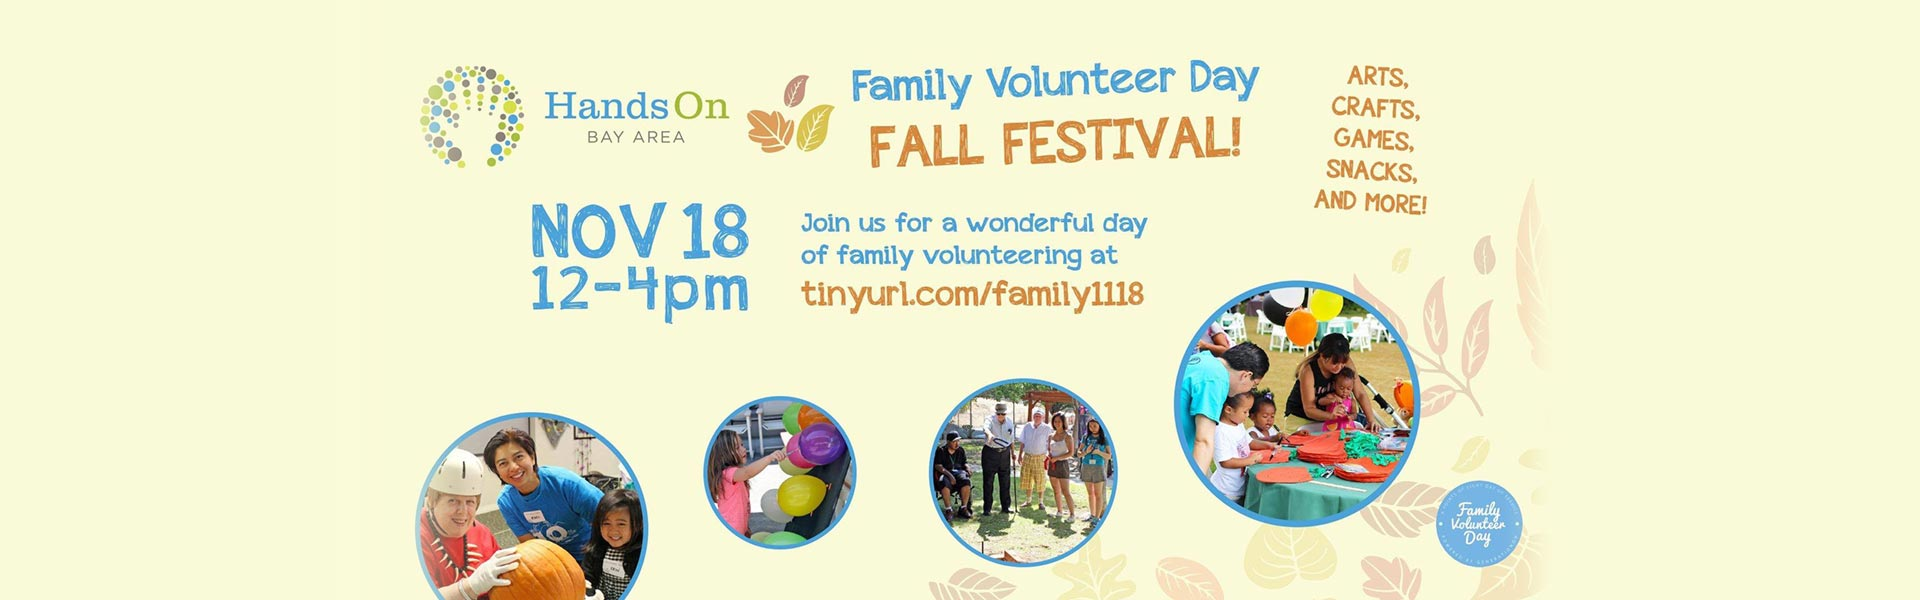 family volunteer day fall festival